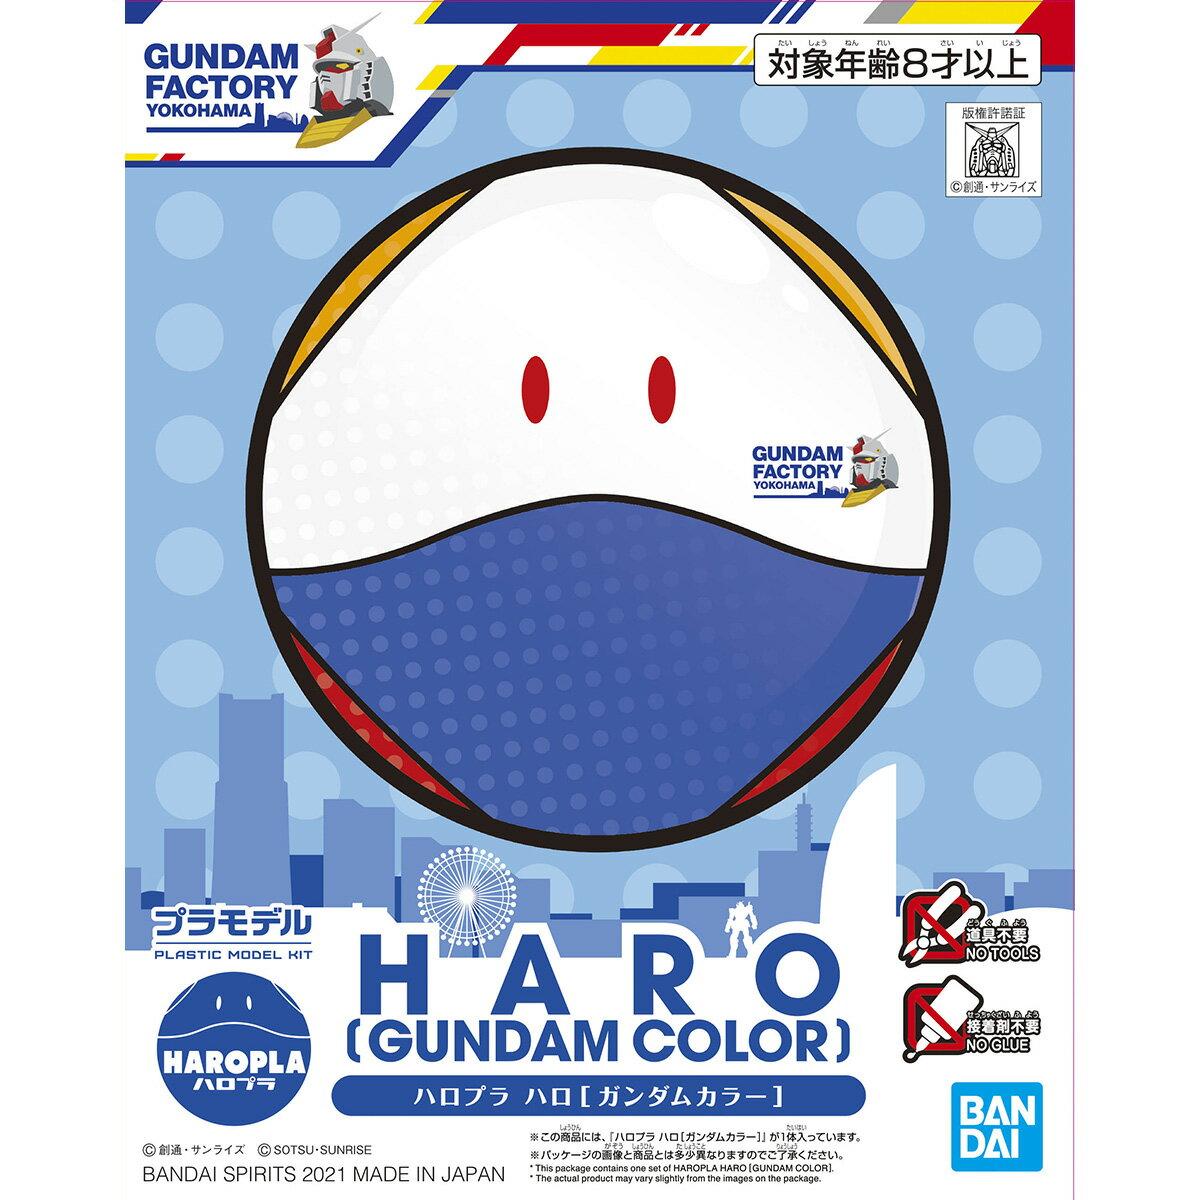 Haro Gundam Toy